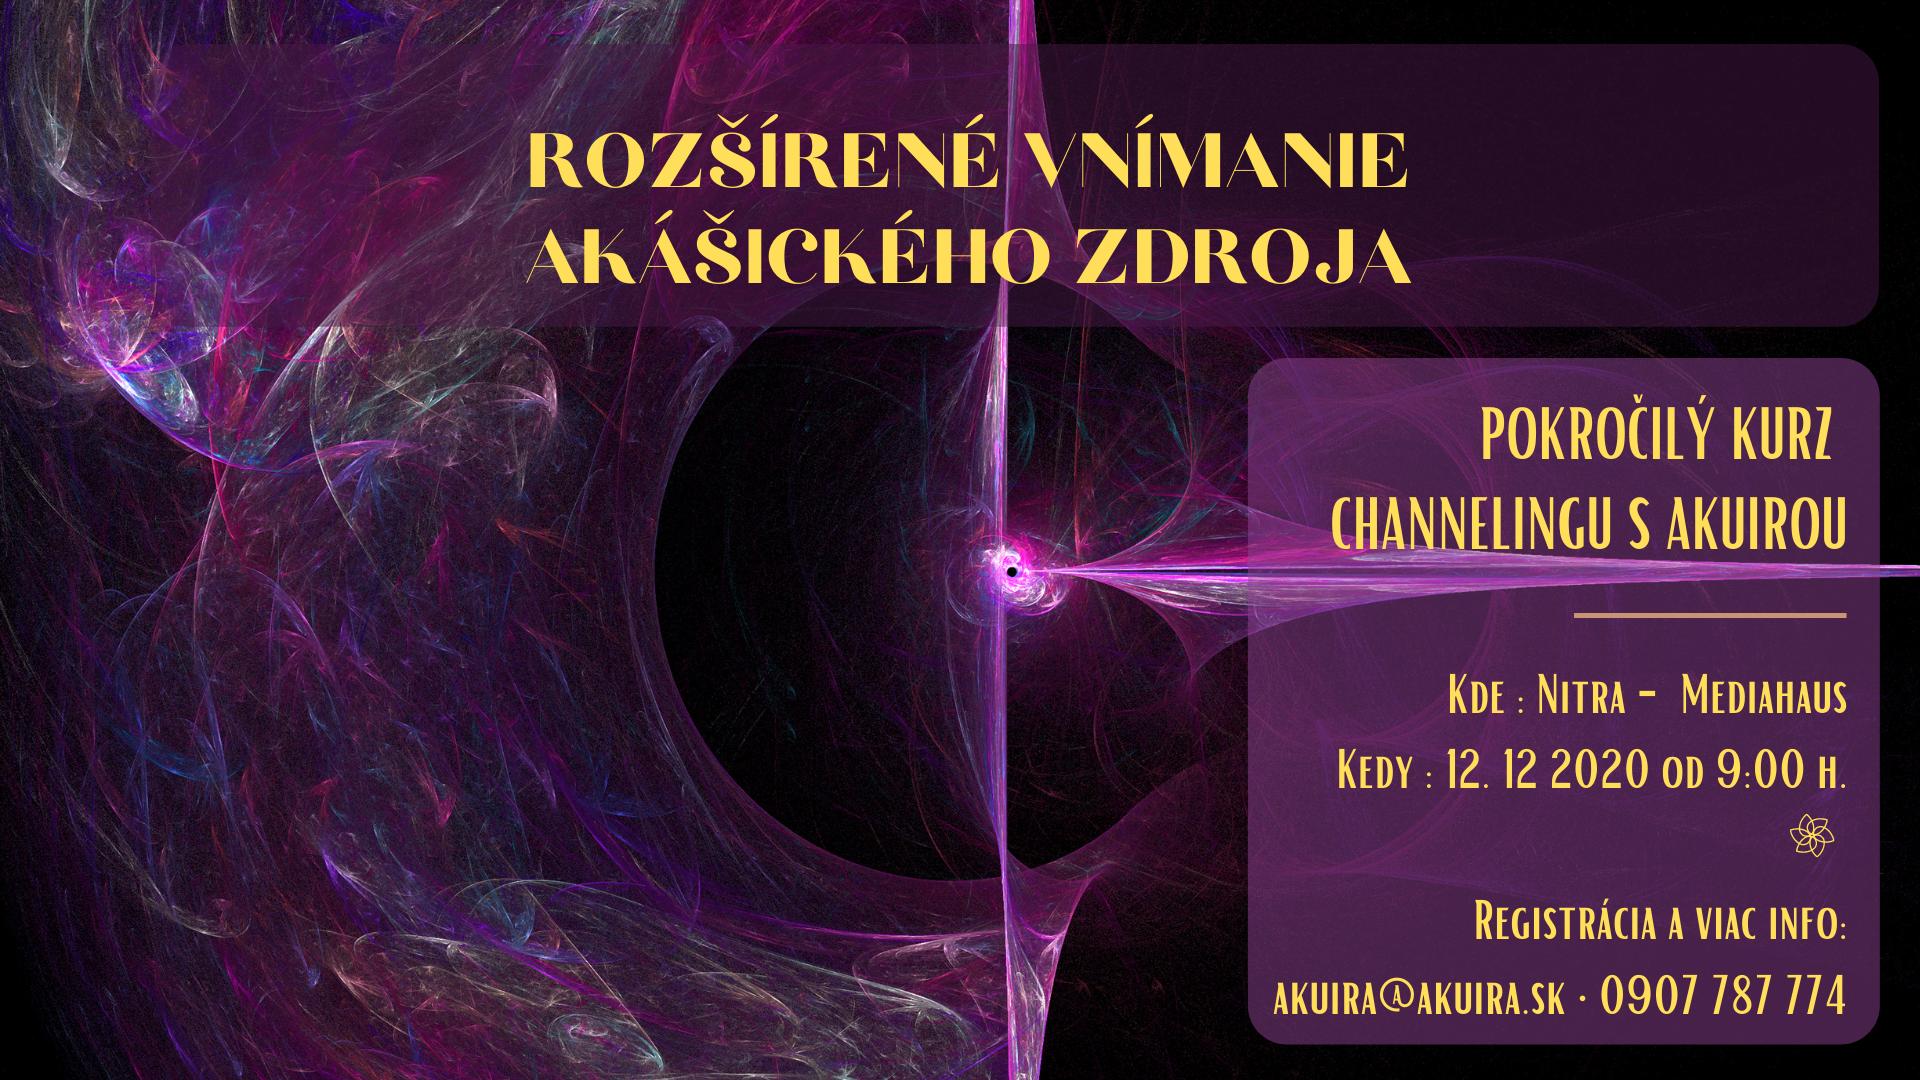 Rozšírené vnímanie Akášického zdroja kurz channelingu Akuira Nitra